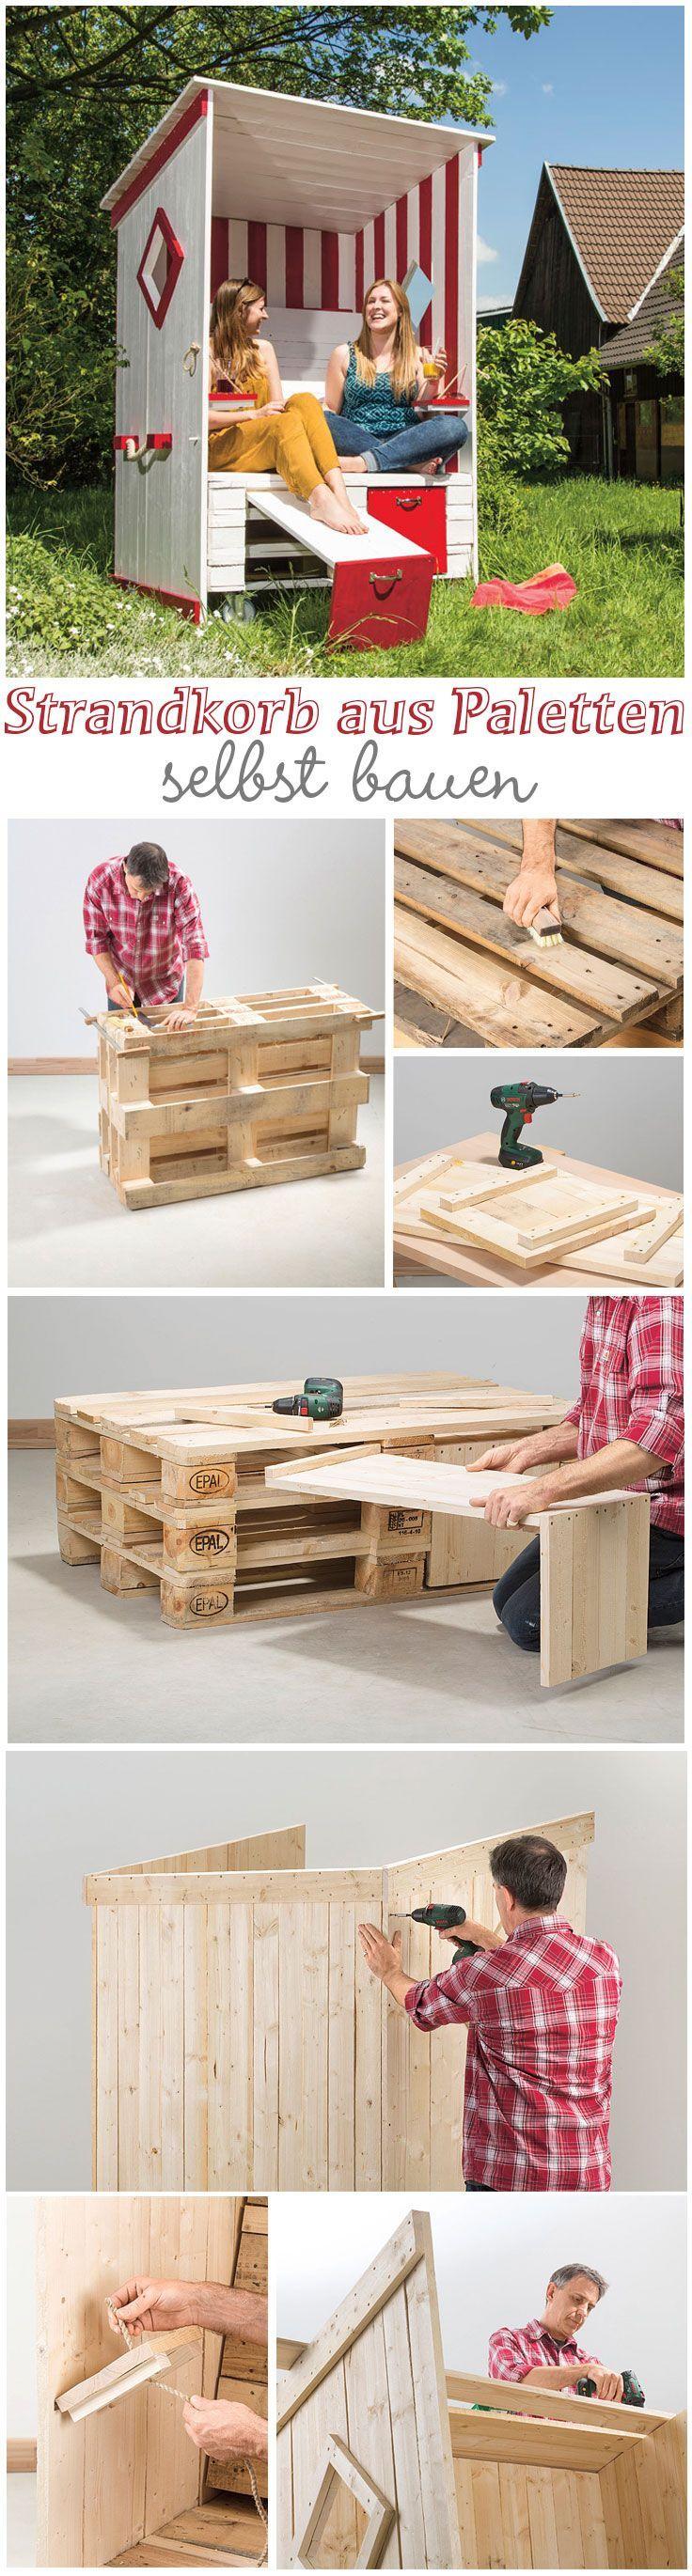 strandkorb aus paletten pallet diy pinterest. Black Bedroom Furniture Sets. Home Design Ideas